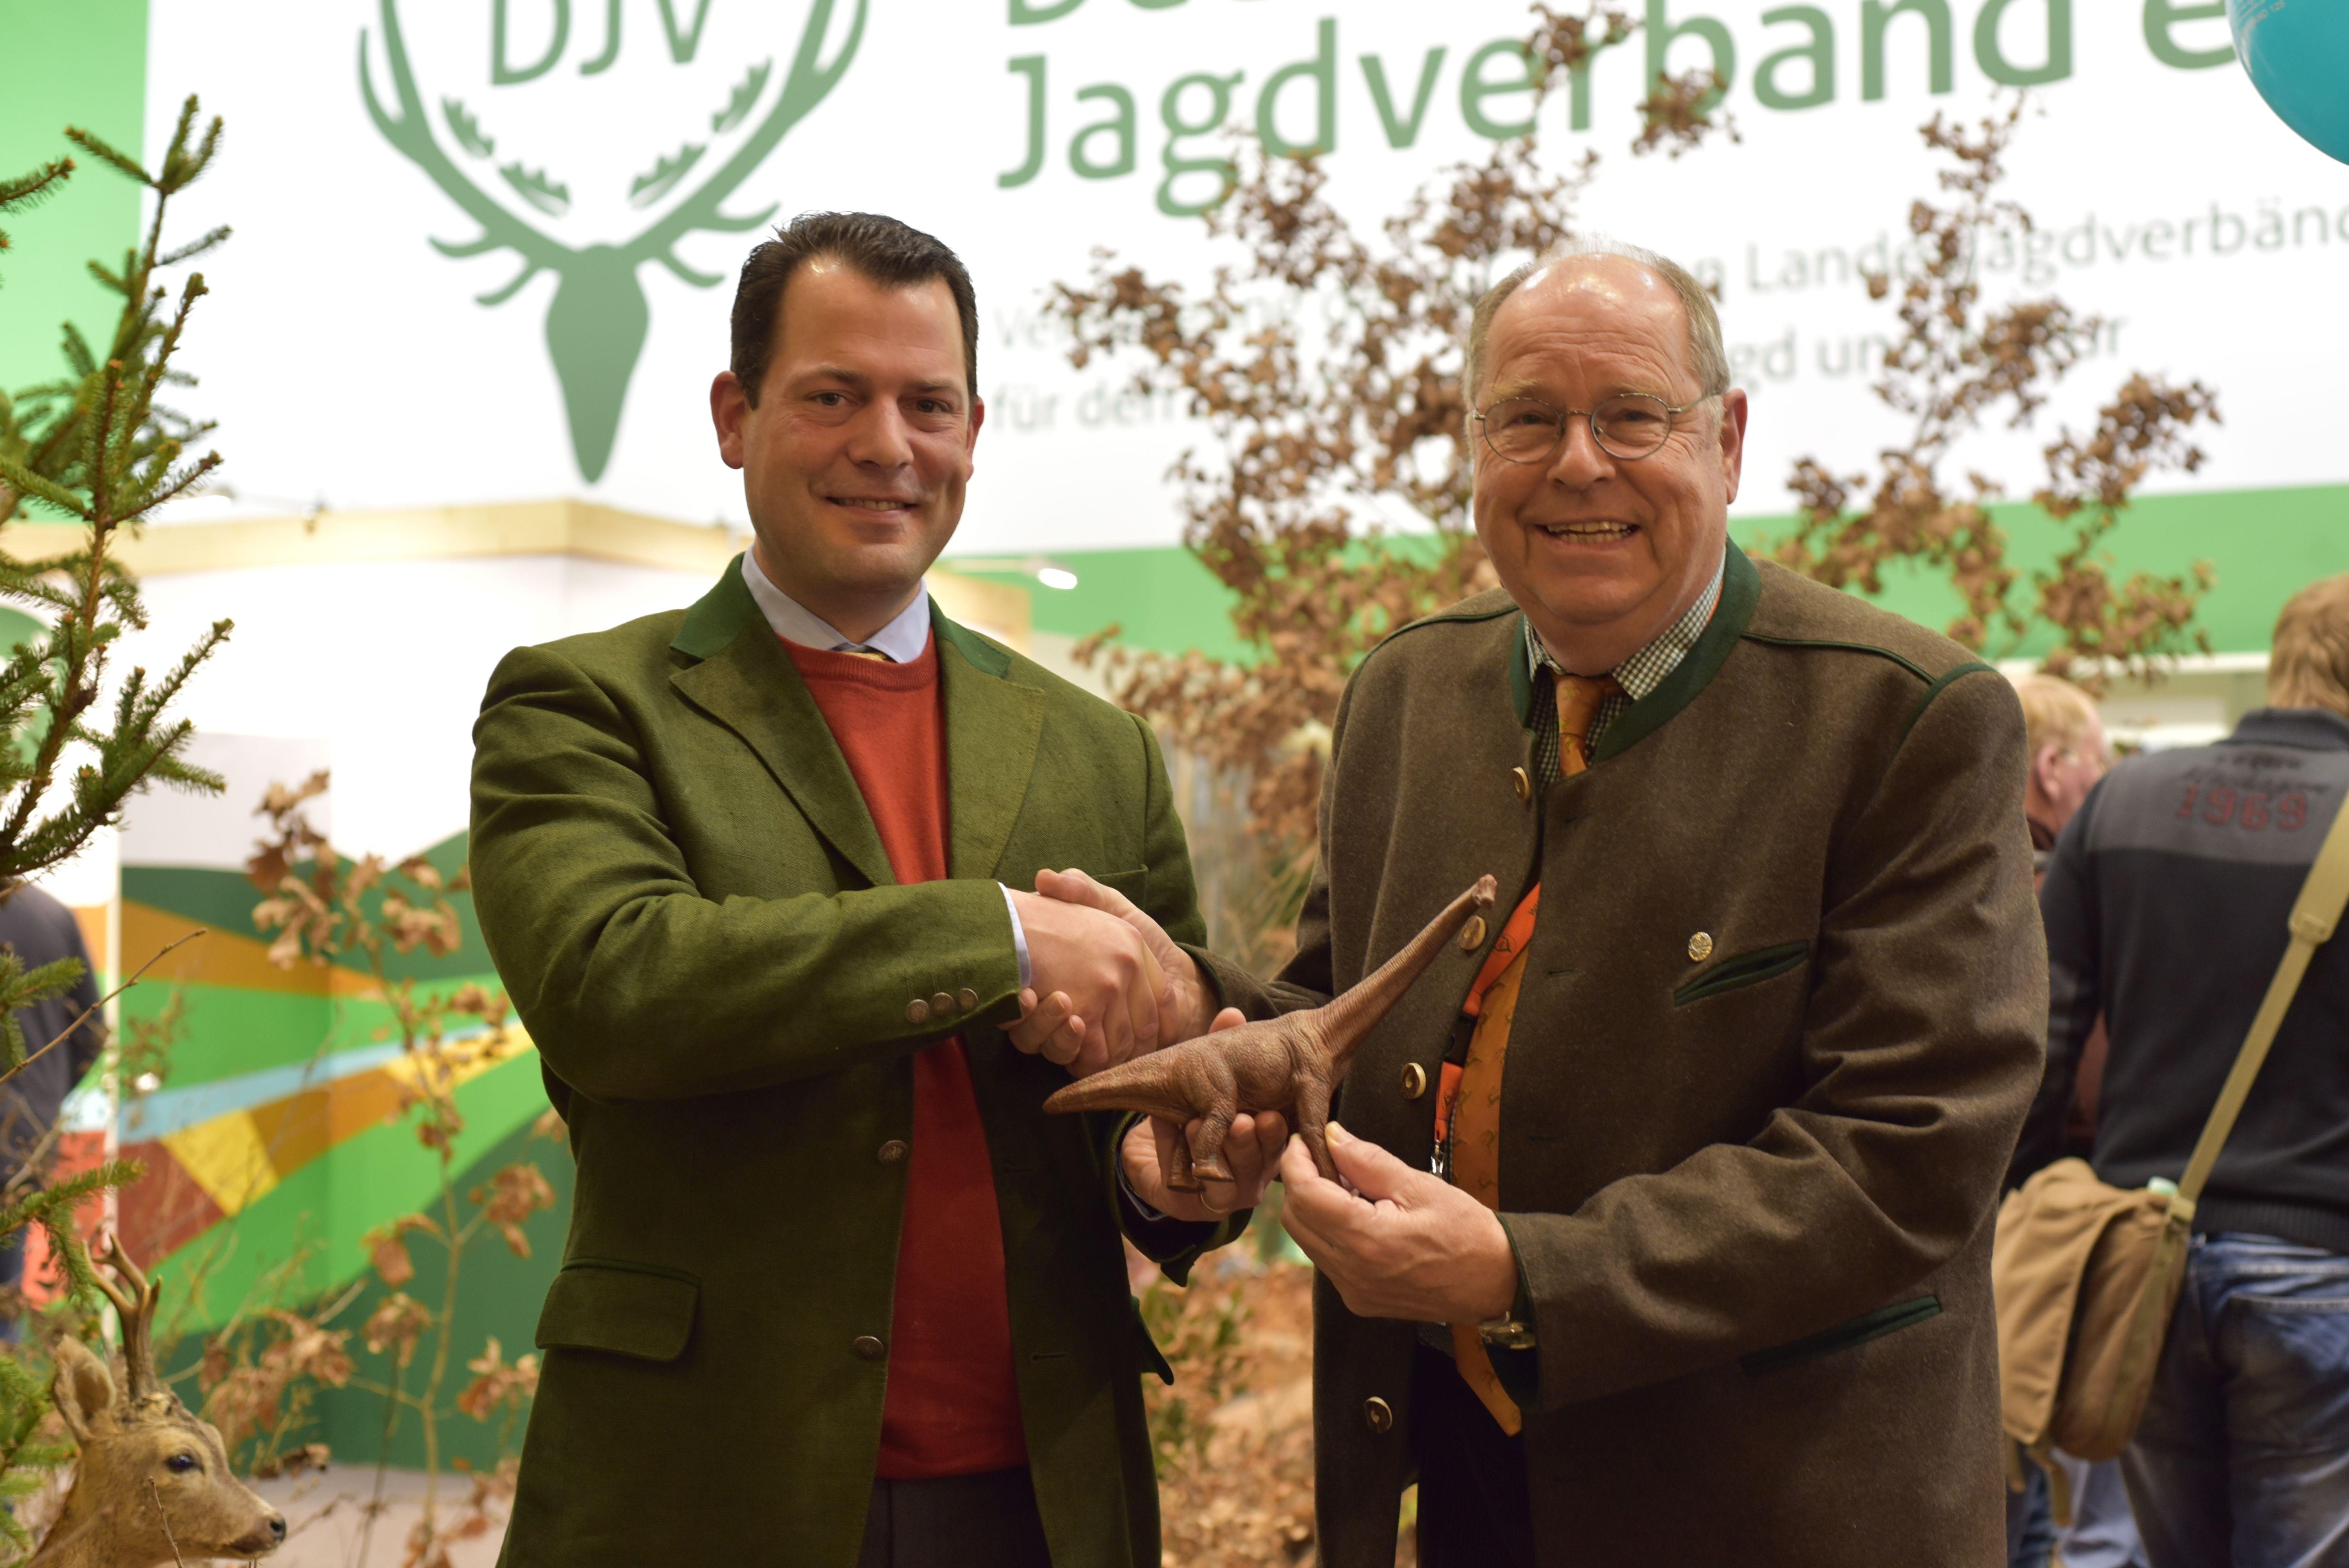 Phillip zu Guttenberg mit dem Präsidenten des Deutschen Jagdverbandes, Hartwig Fischer